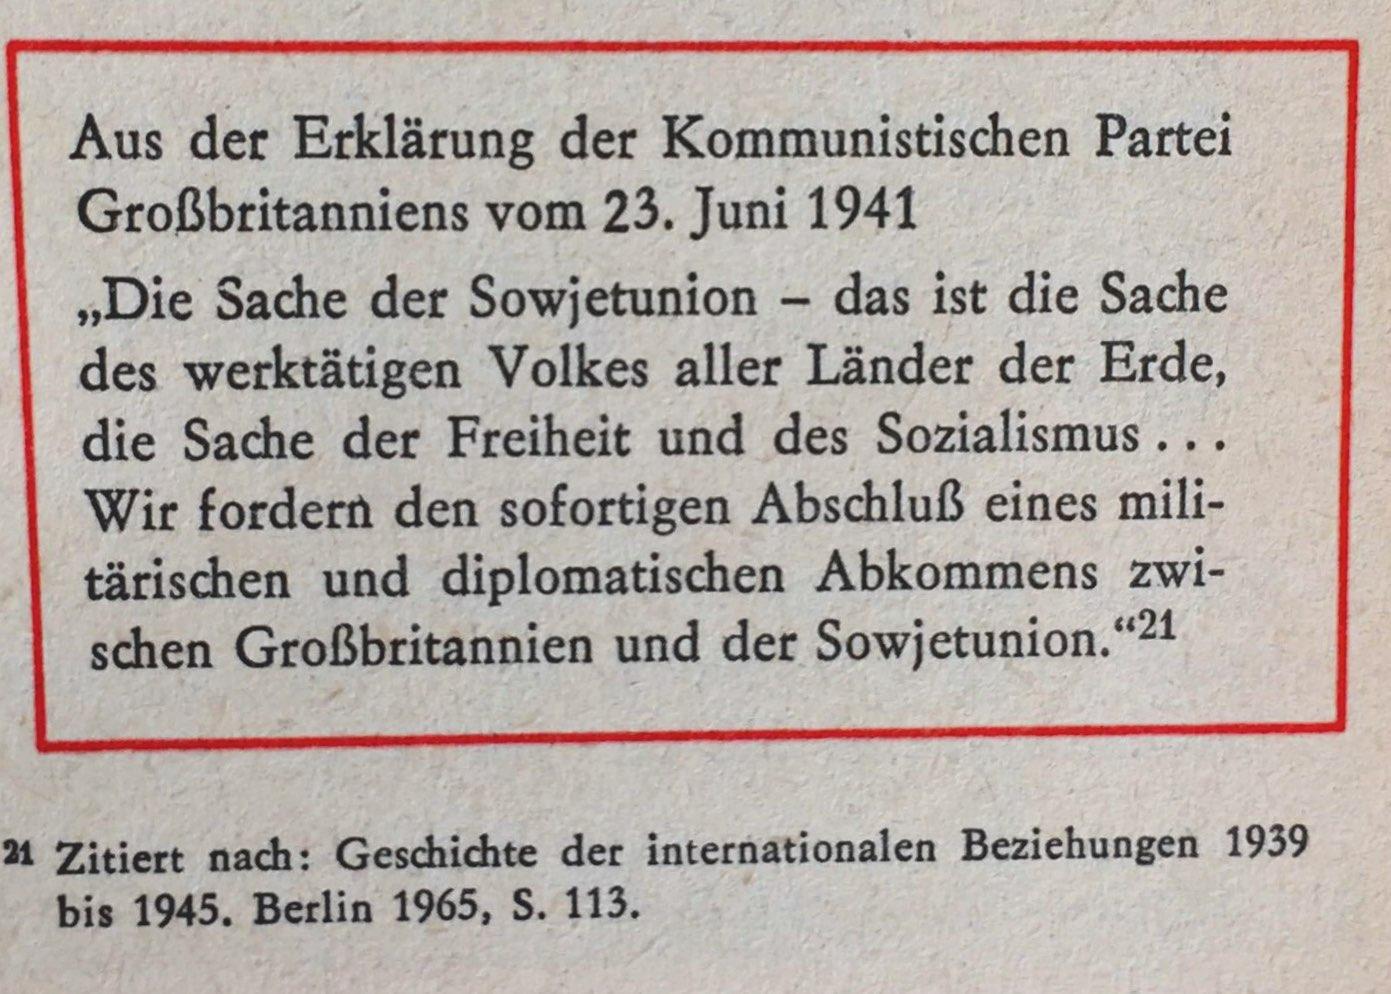 Aus Erklärung der Kommunistischen Partei Großbritanniens vom 23.06.1941